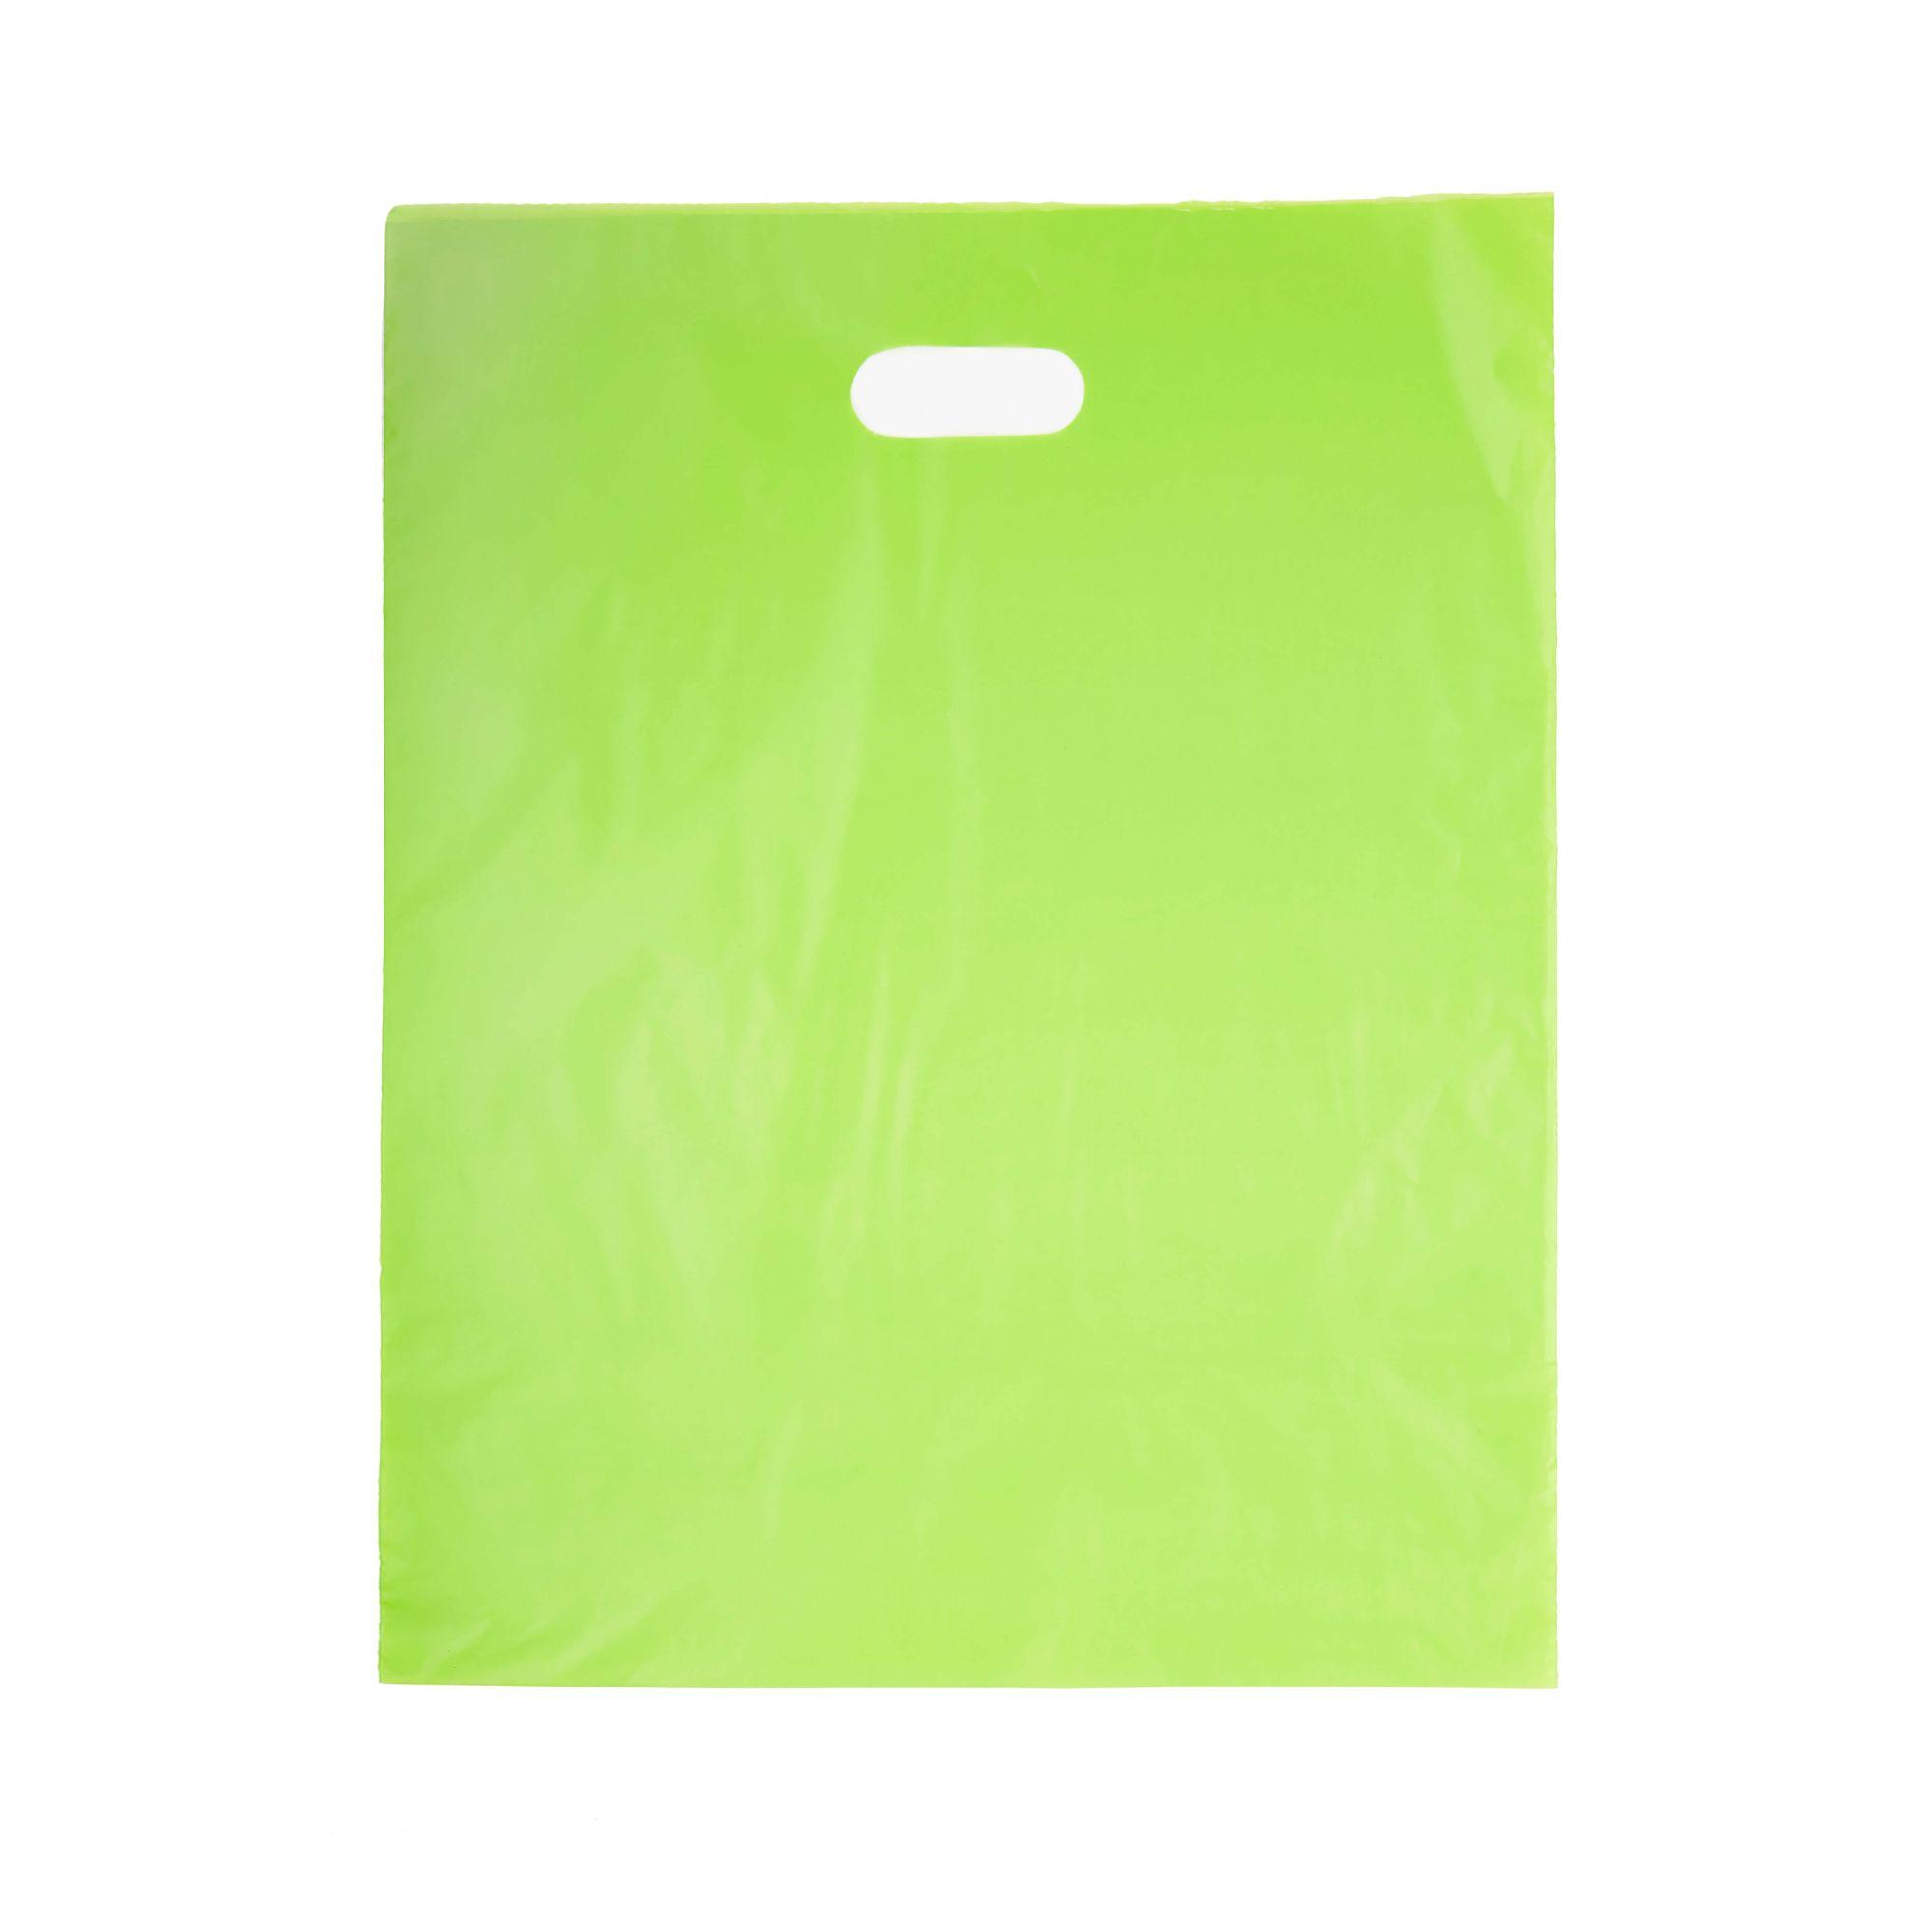 Sacola Plástica 40x50 Verde - Alça Boca de Palhaço